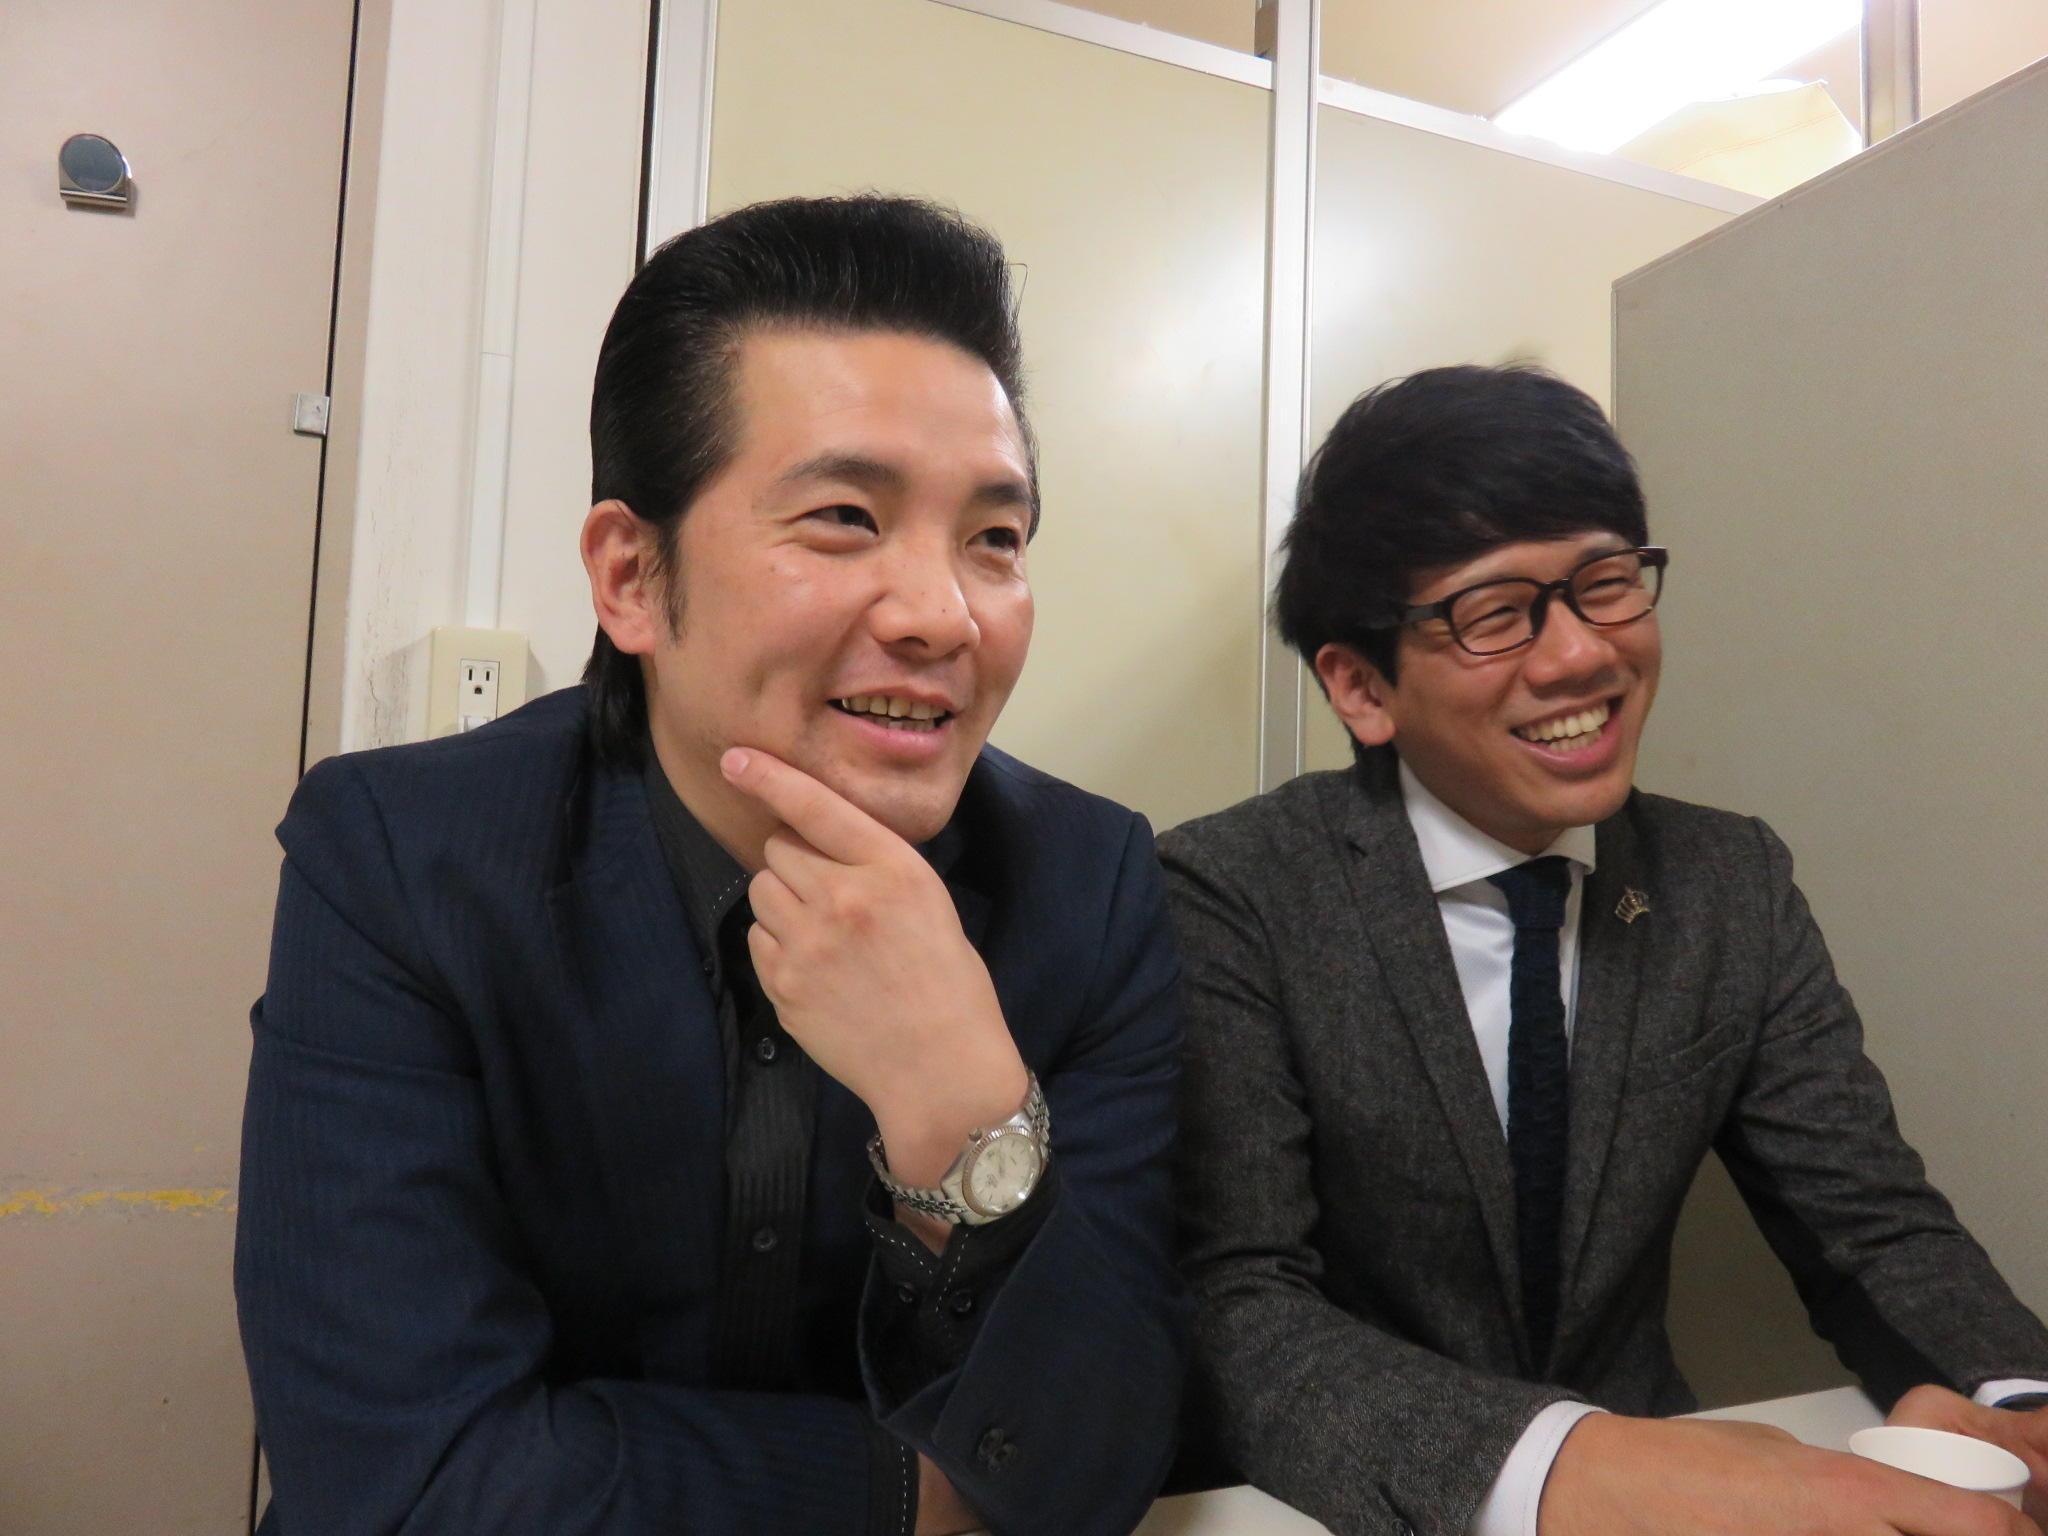 http://news.yoshimoto.co.jp/20161223164227-c8cb6ad0d59409bcff72fc500cf04c52427e938c.jpg